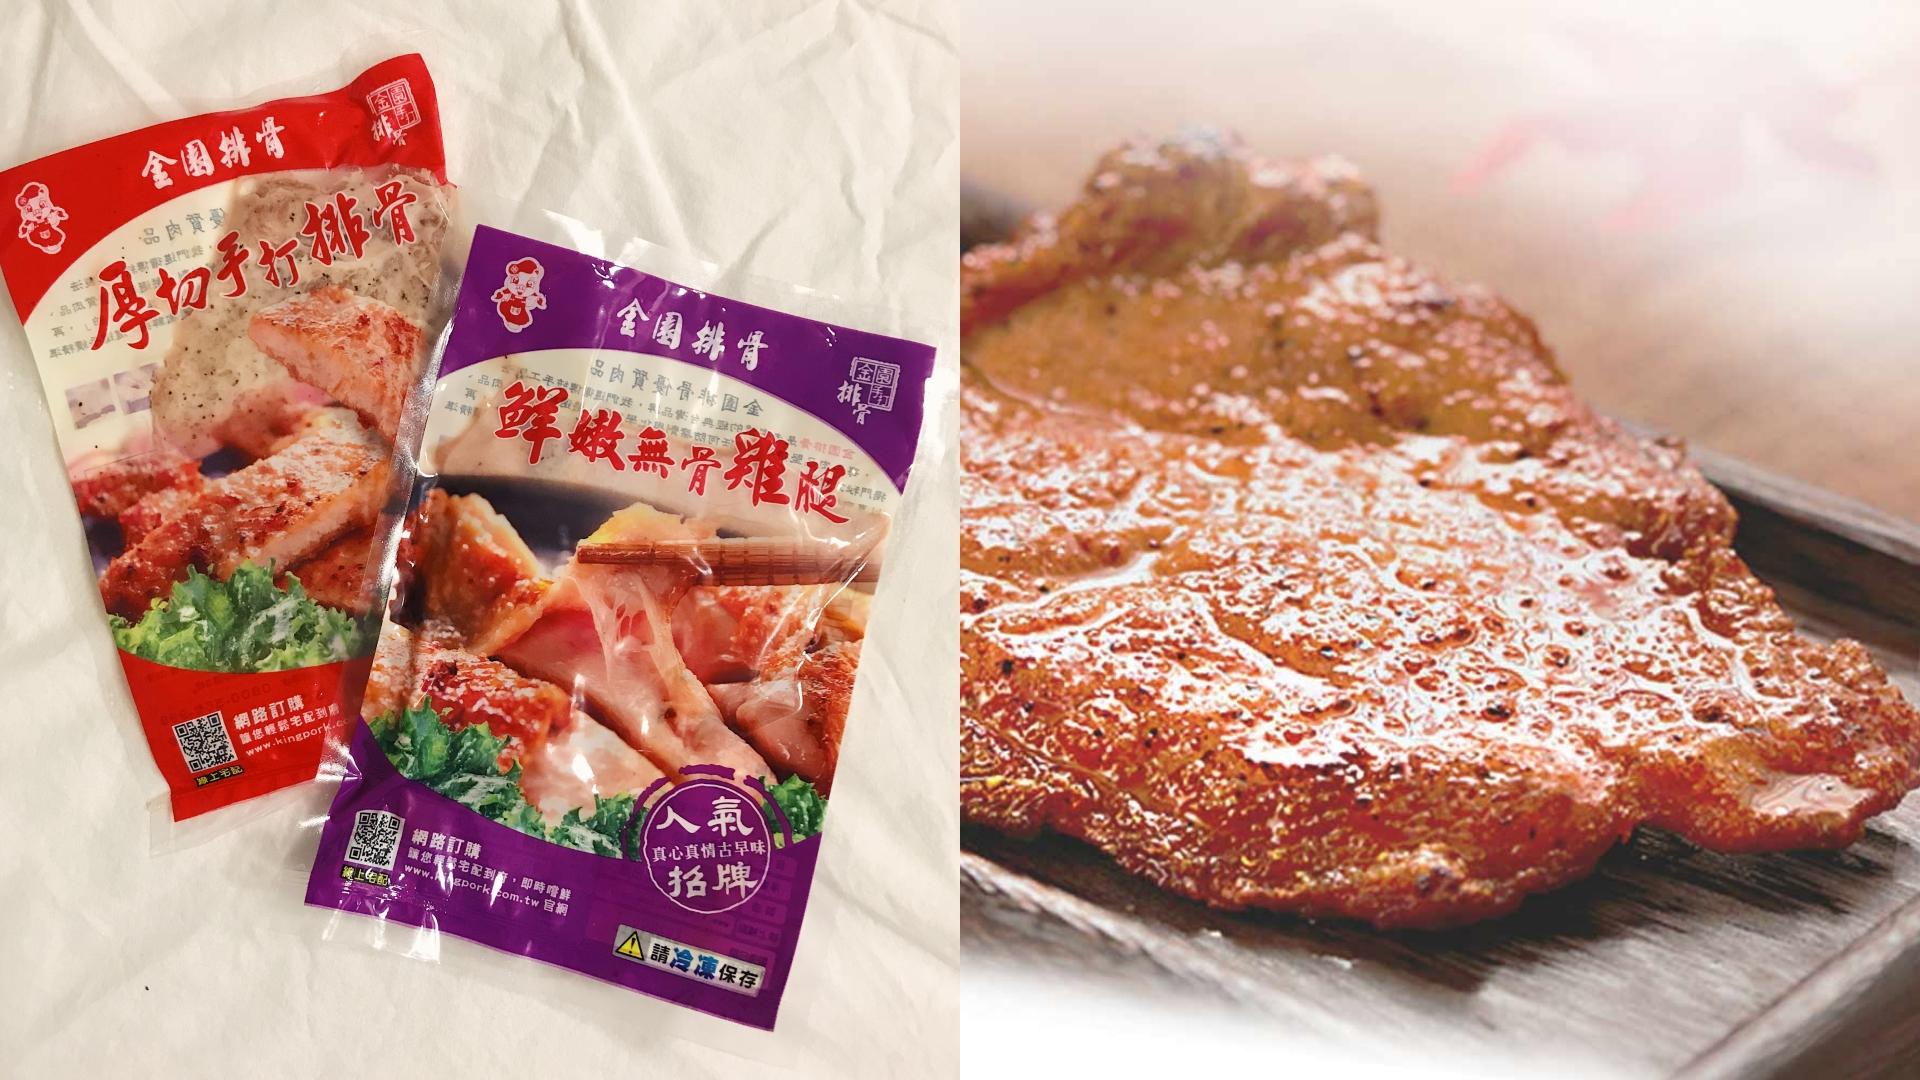 排骨都是嚴選上等的里肌肉,手工捶打讓肉質有彈性;雞腿排則是使用台灣的國產雞,甚至還用真空按摩機當肉品做SPA,讓醬料更加入味!